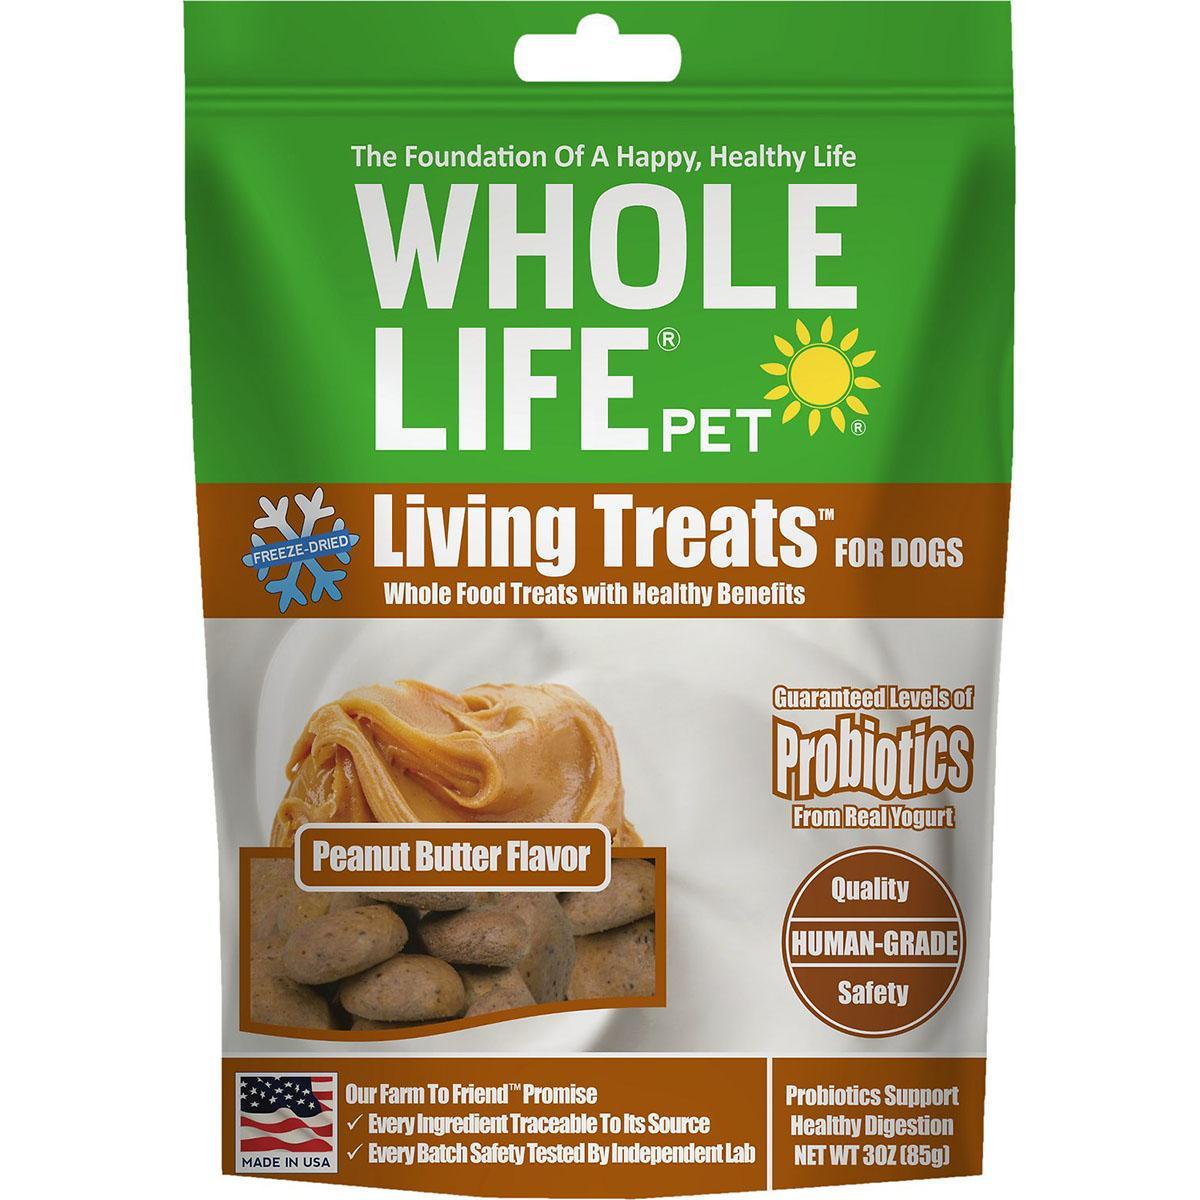 Whole Life Pet Living Treats Freeze-Dried Peanut Butter Dog Treats